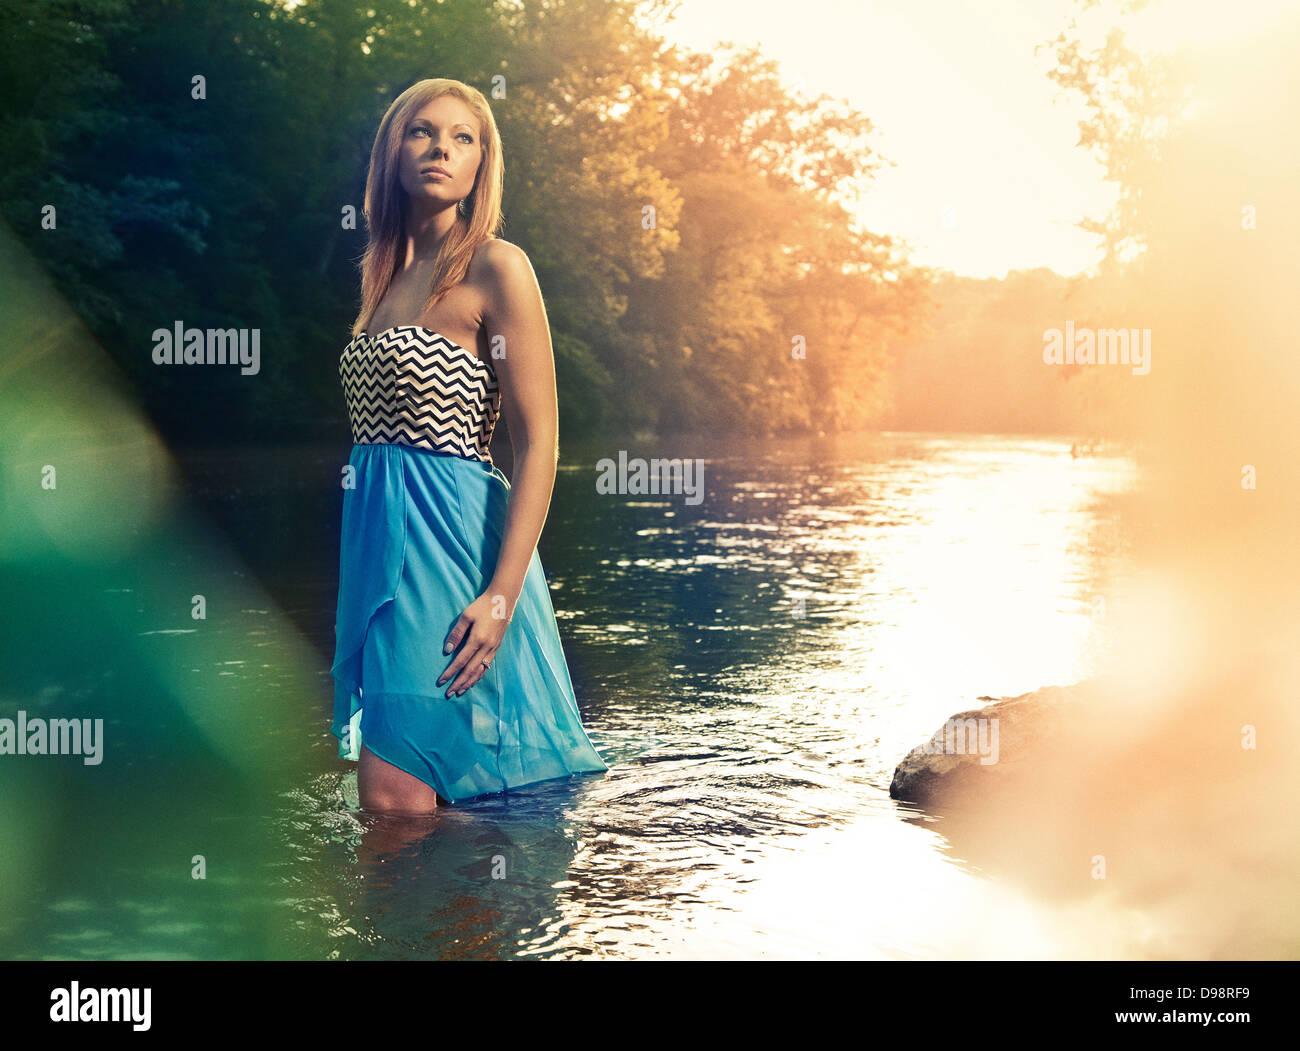 Mujer de vestido azul caminar durante el atardecer en el río. Imagen De Stock